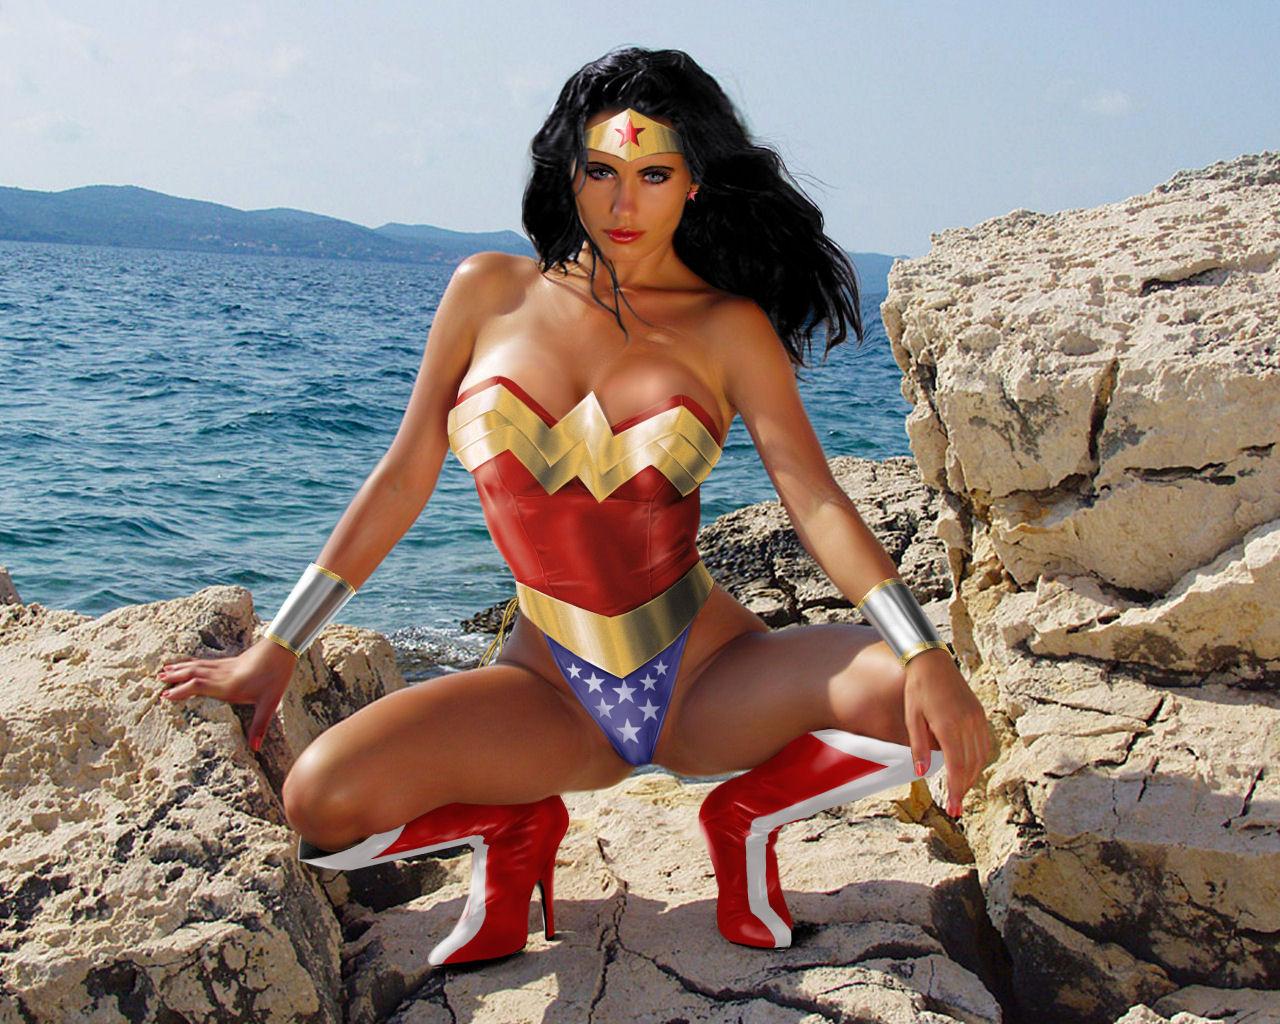 woman nude movie: